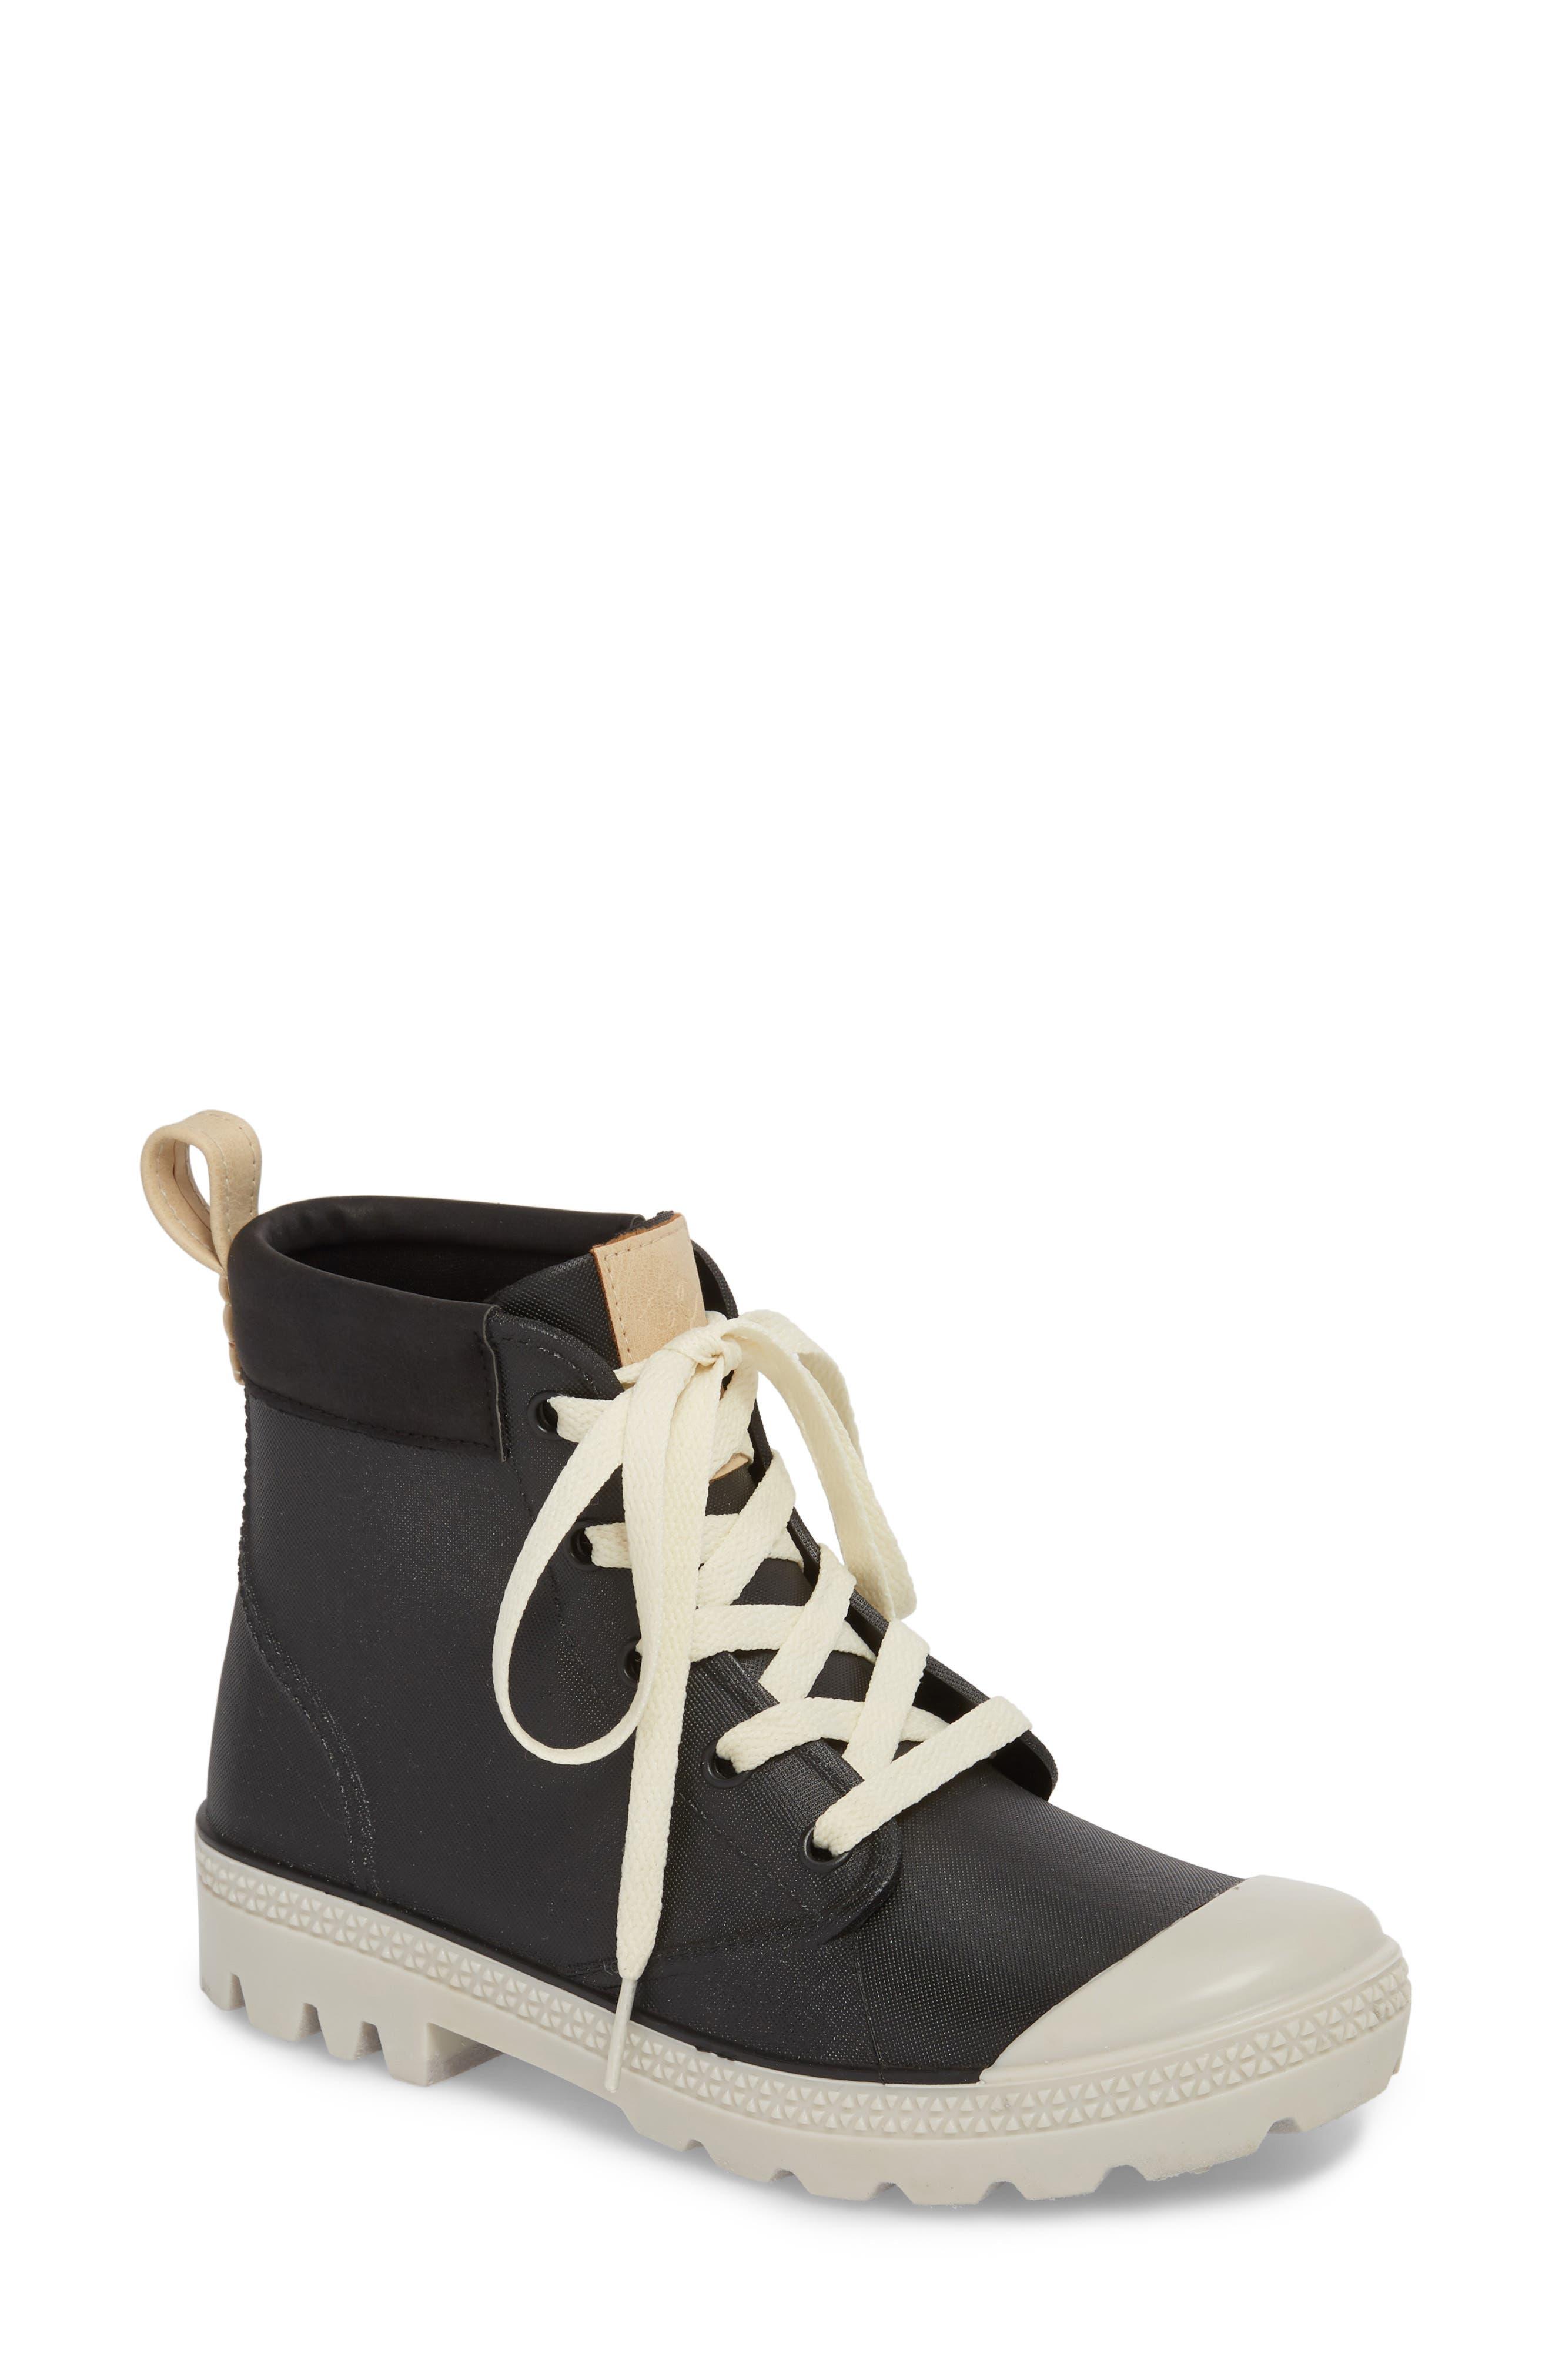 däv Melrose Waterproof Sneaker Boot (Women)